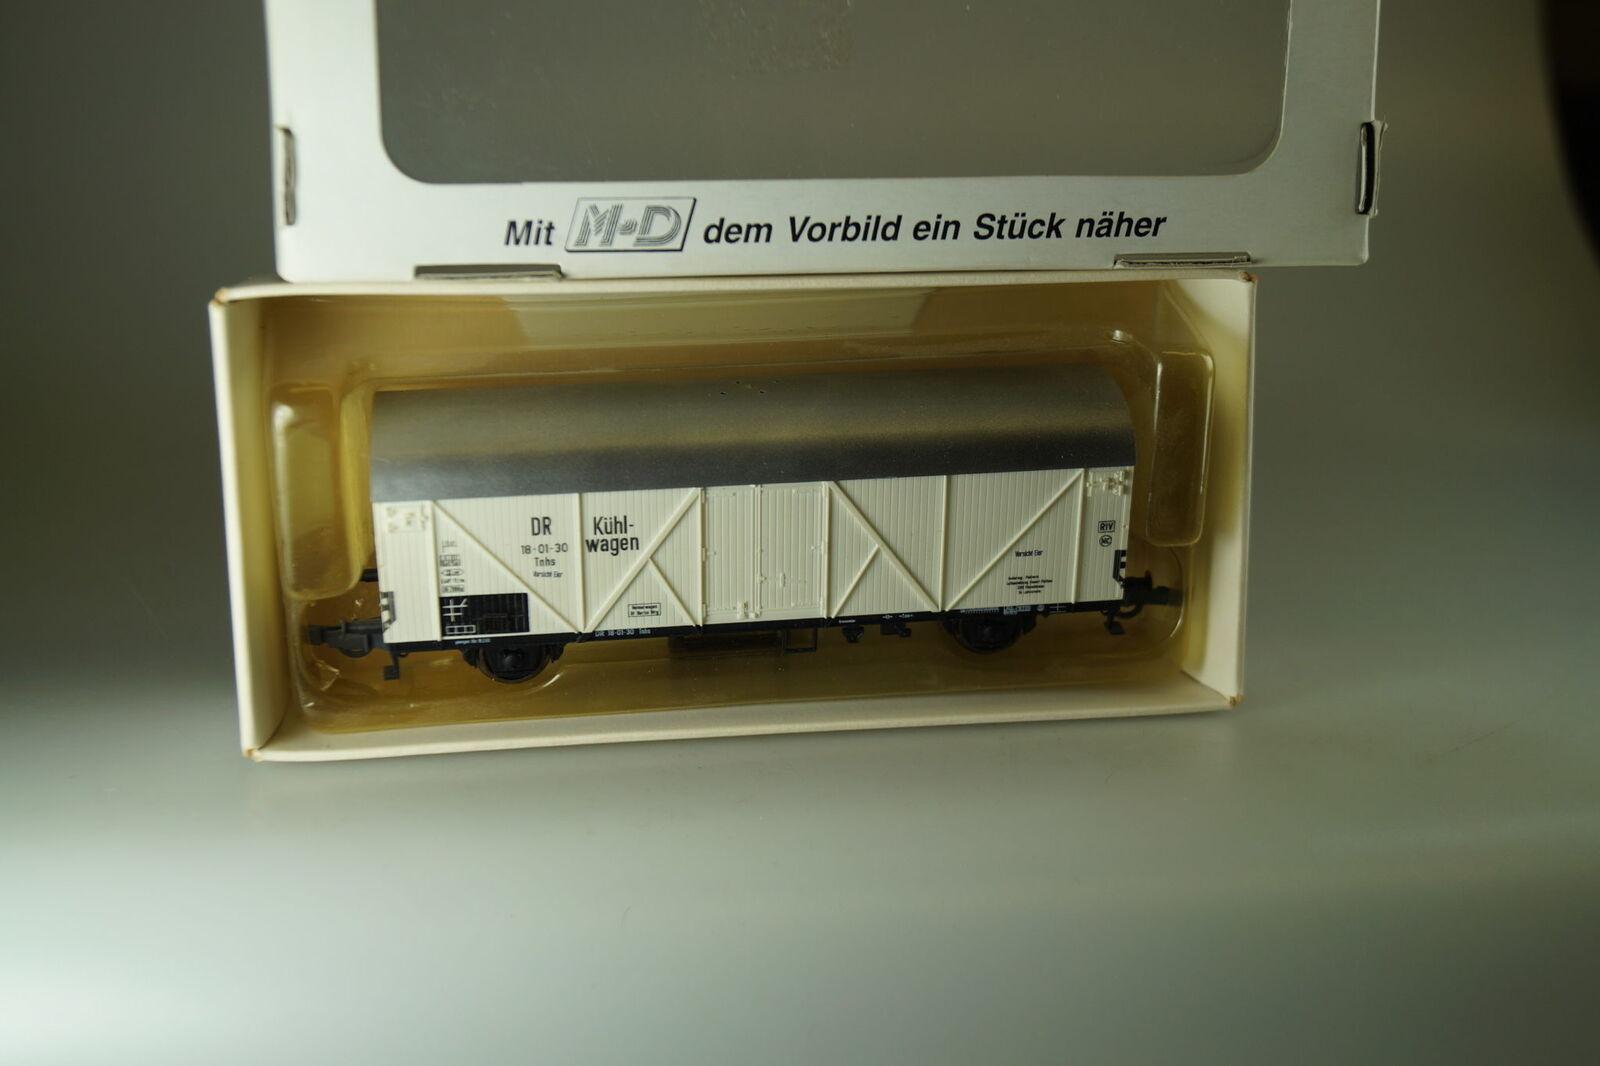 Rareza  H0 M-D   Pequeño Maqueta de Tren 111  Vagón Mercancía  Vorsicht Huevos